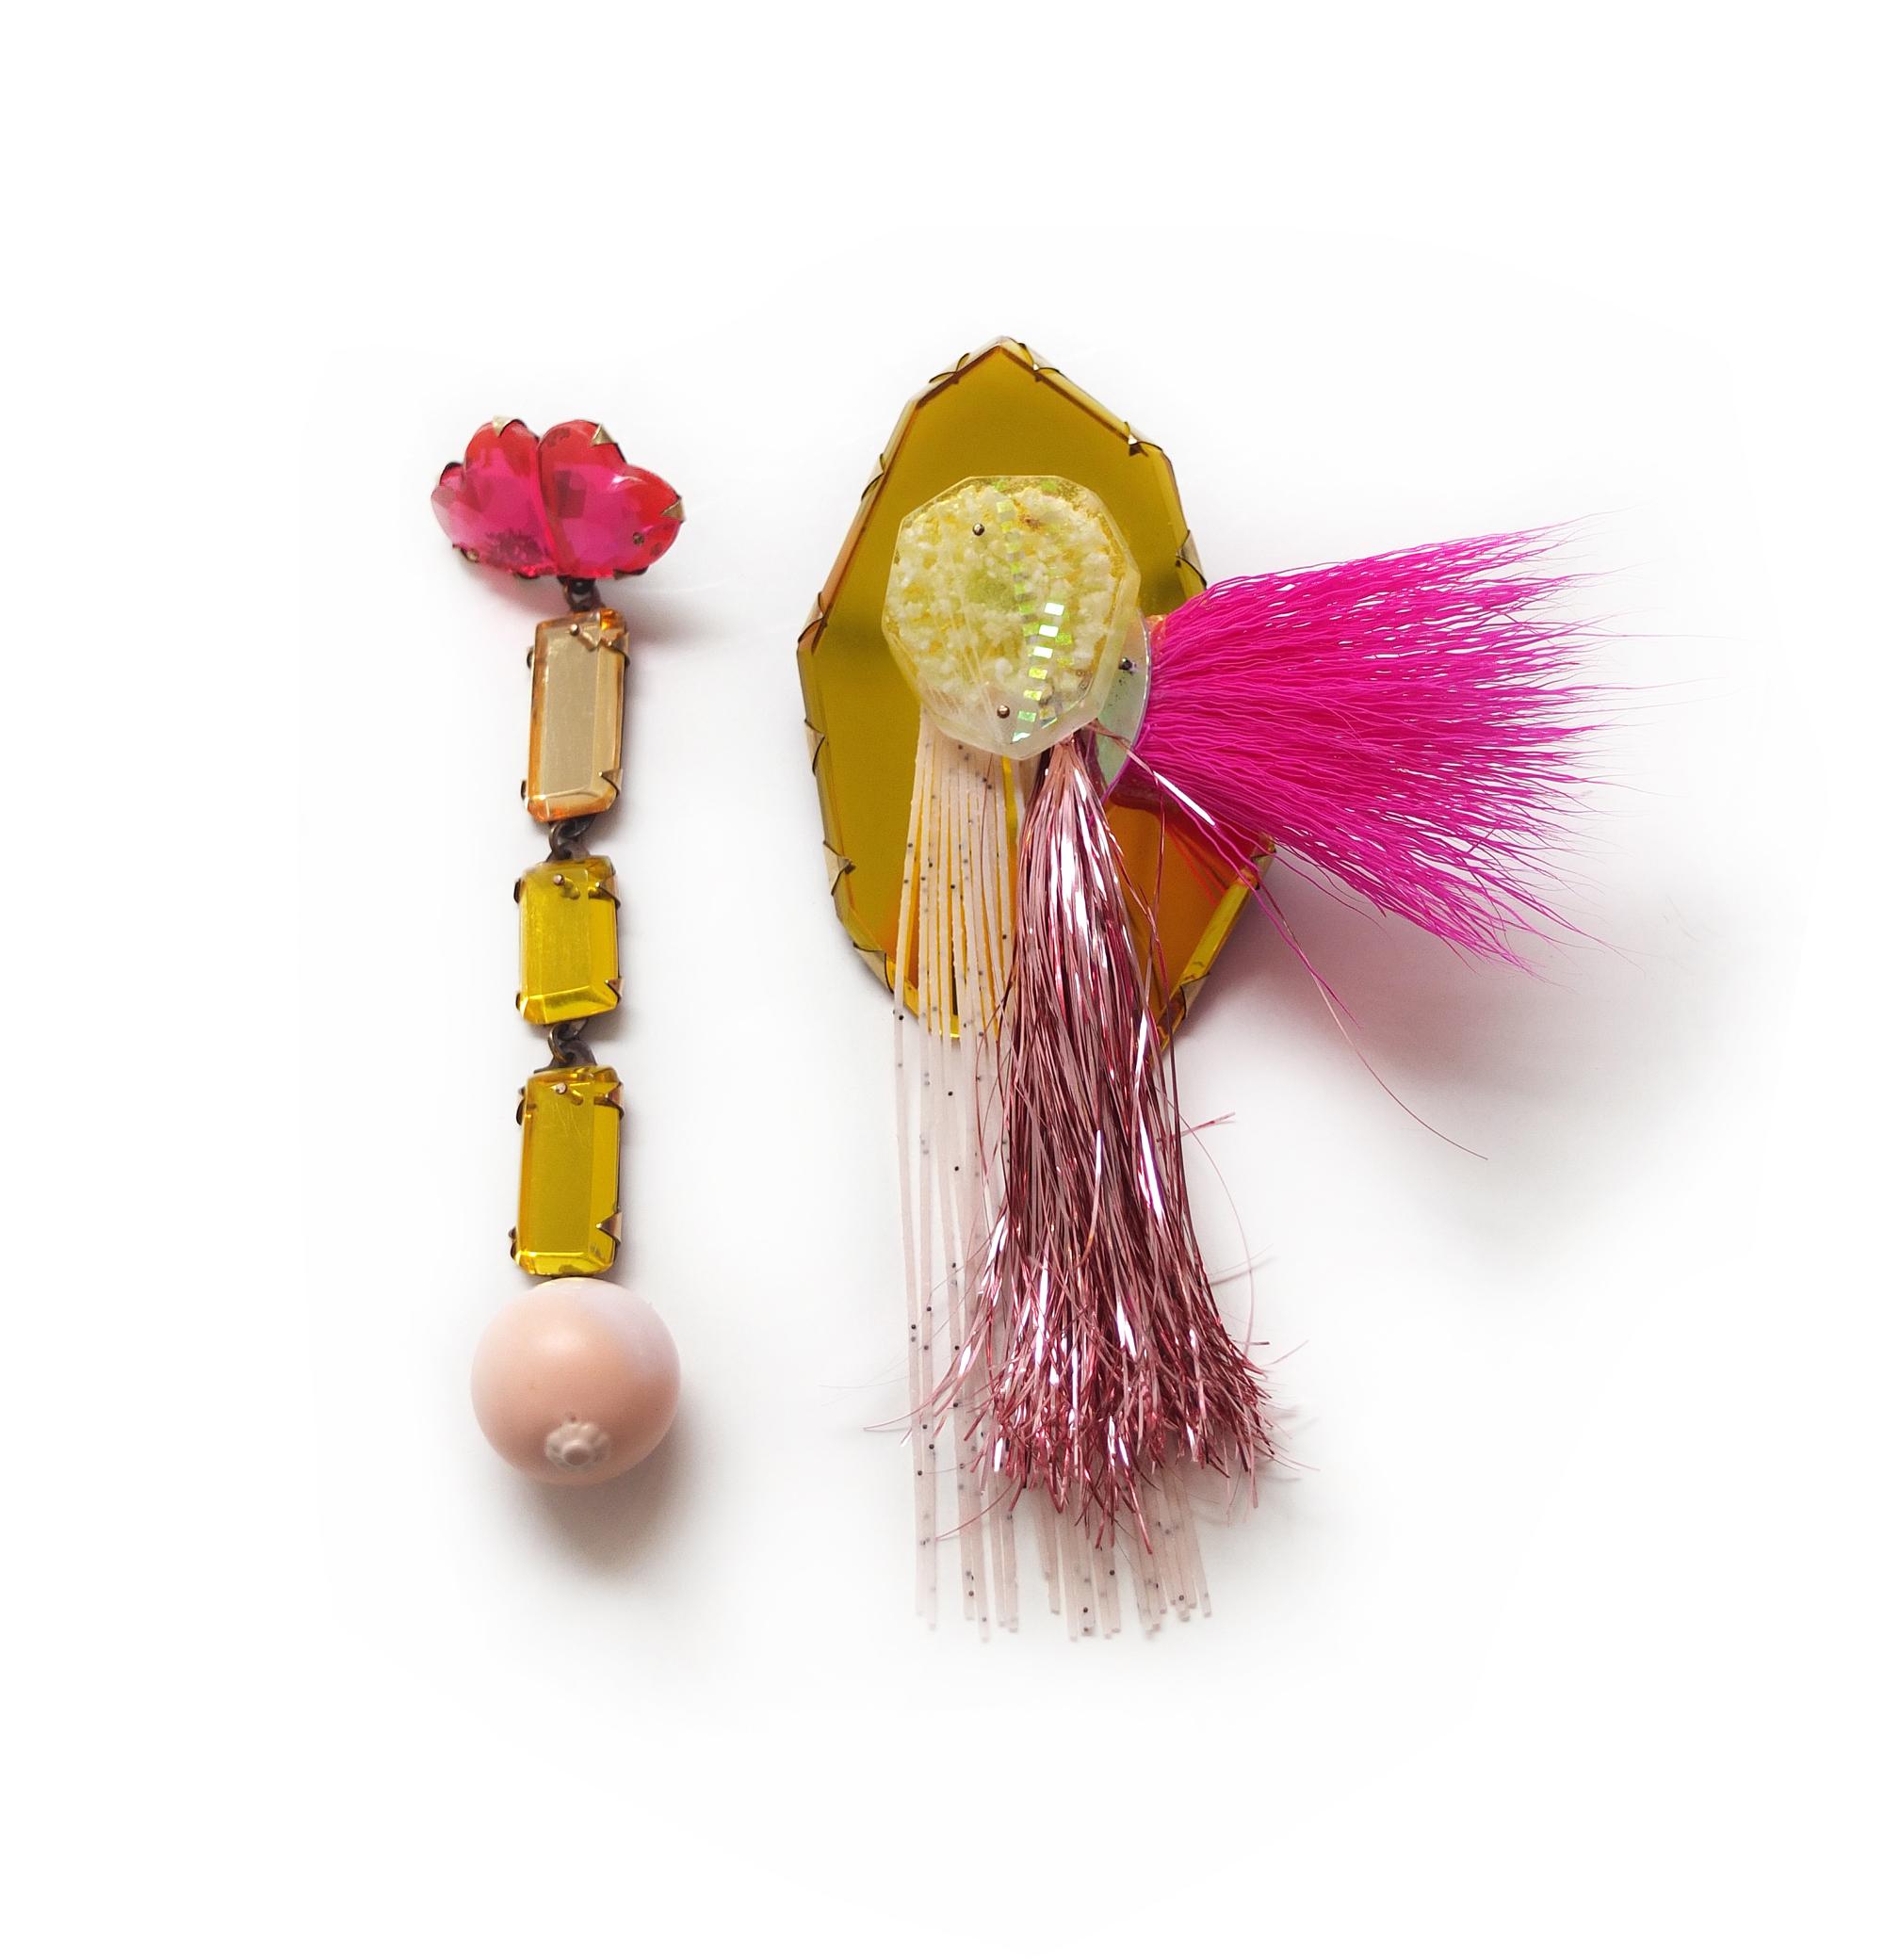 Nikki Couppee, Troll Hair Fringe Earrings, Plexiglass, brass, sterling silver, fine silver, found objects